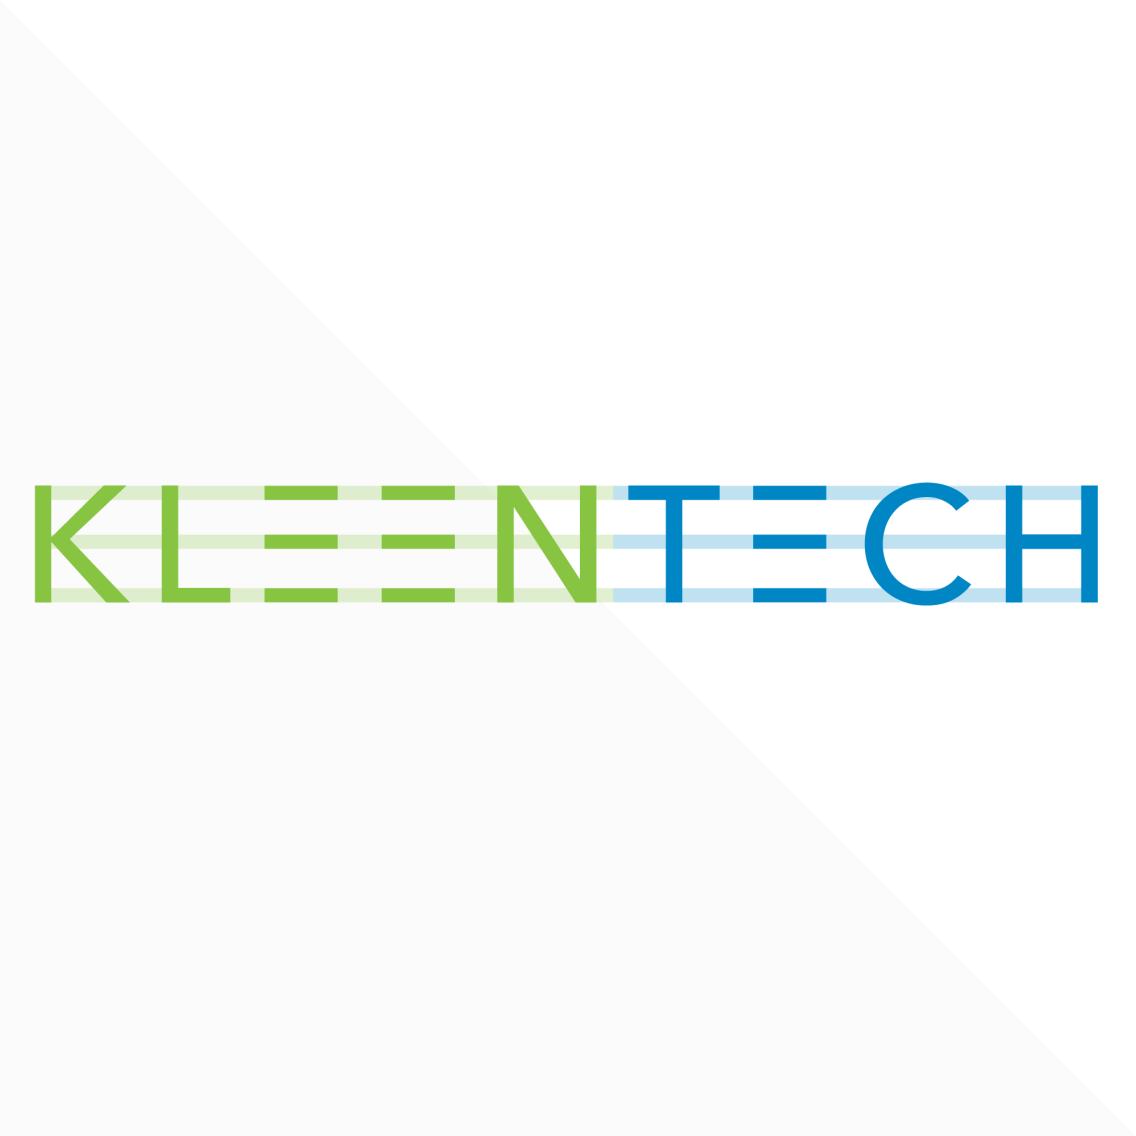 kleentech-logo-design